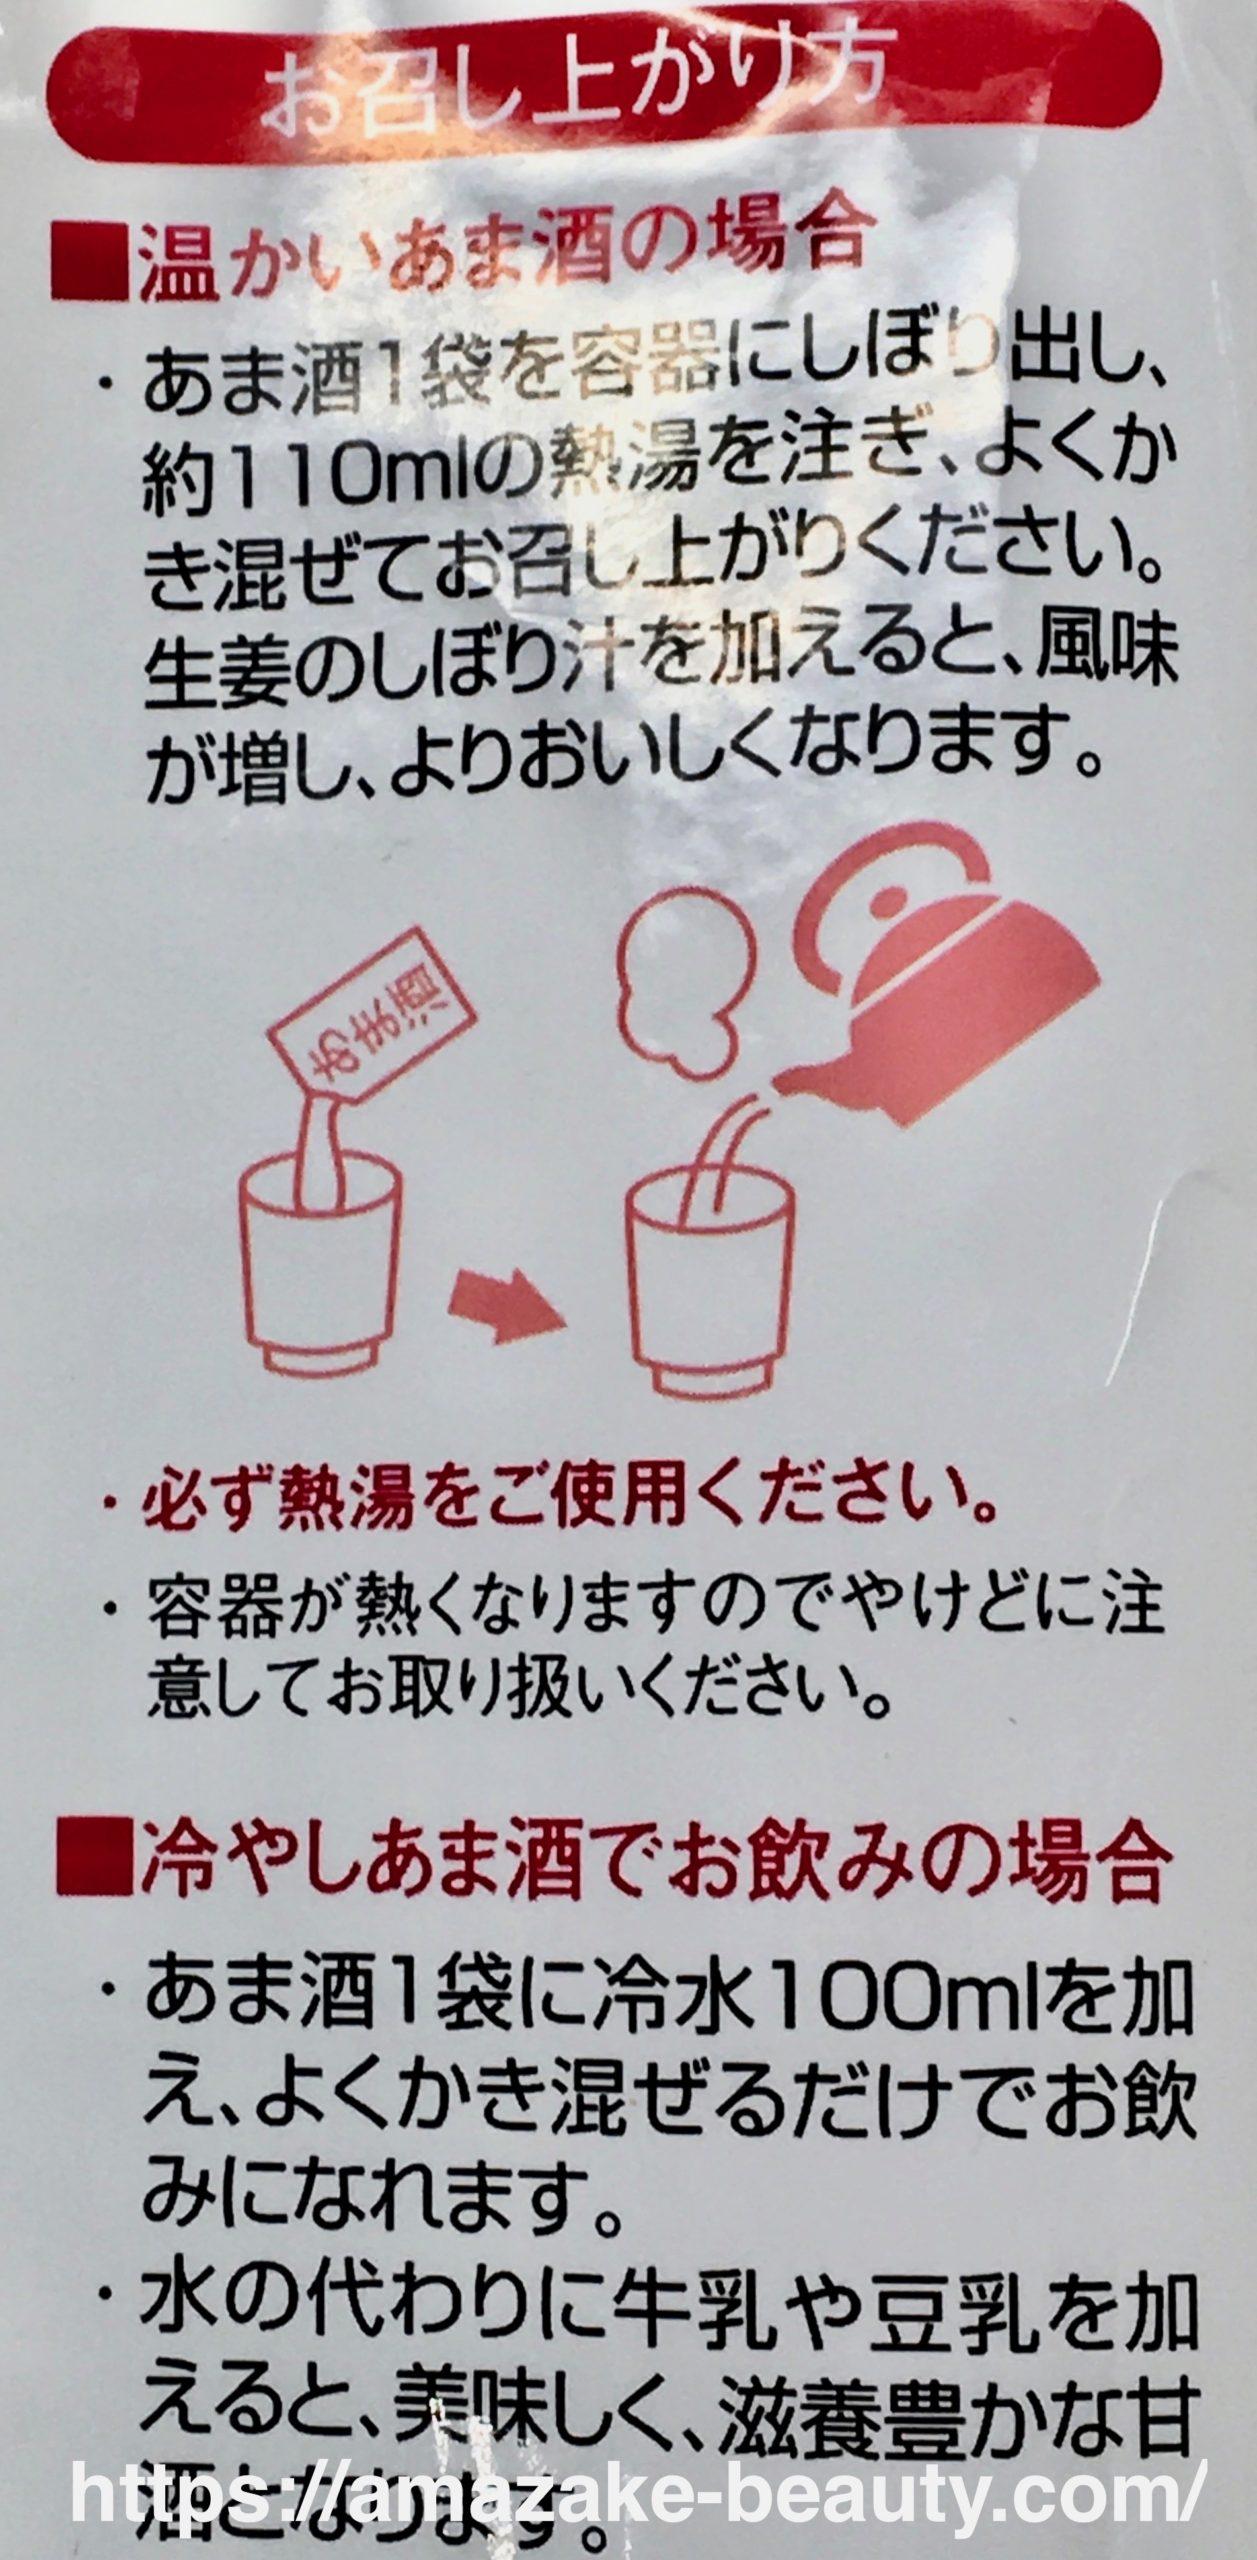 【甘酒】伊豆フェルメンテ『お湯を注いてすぐ飲める あま酒』(飲み方)